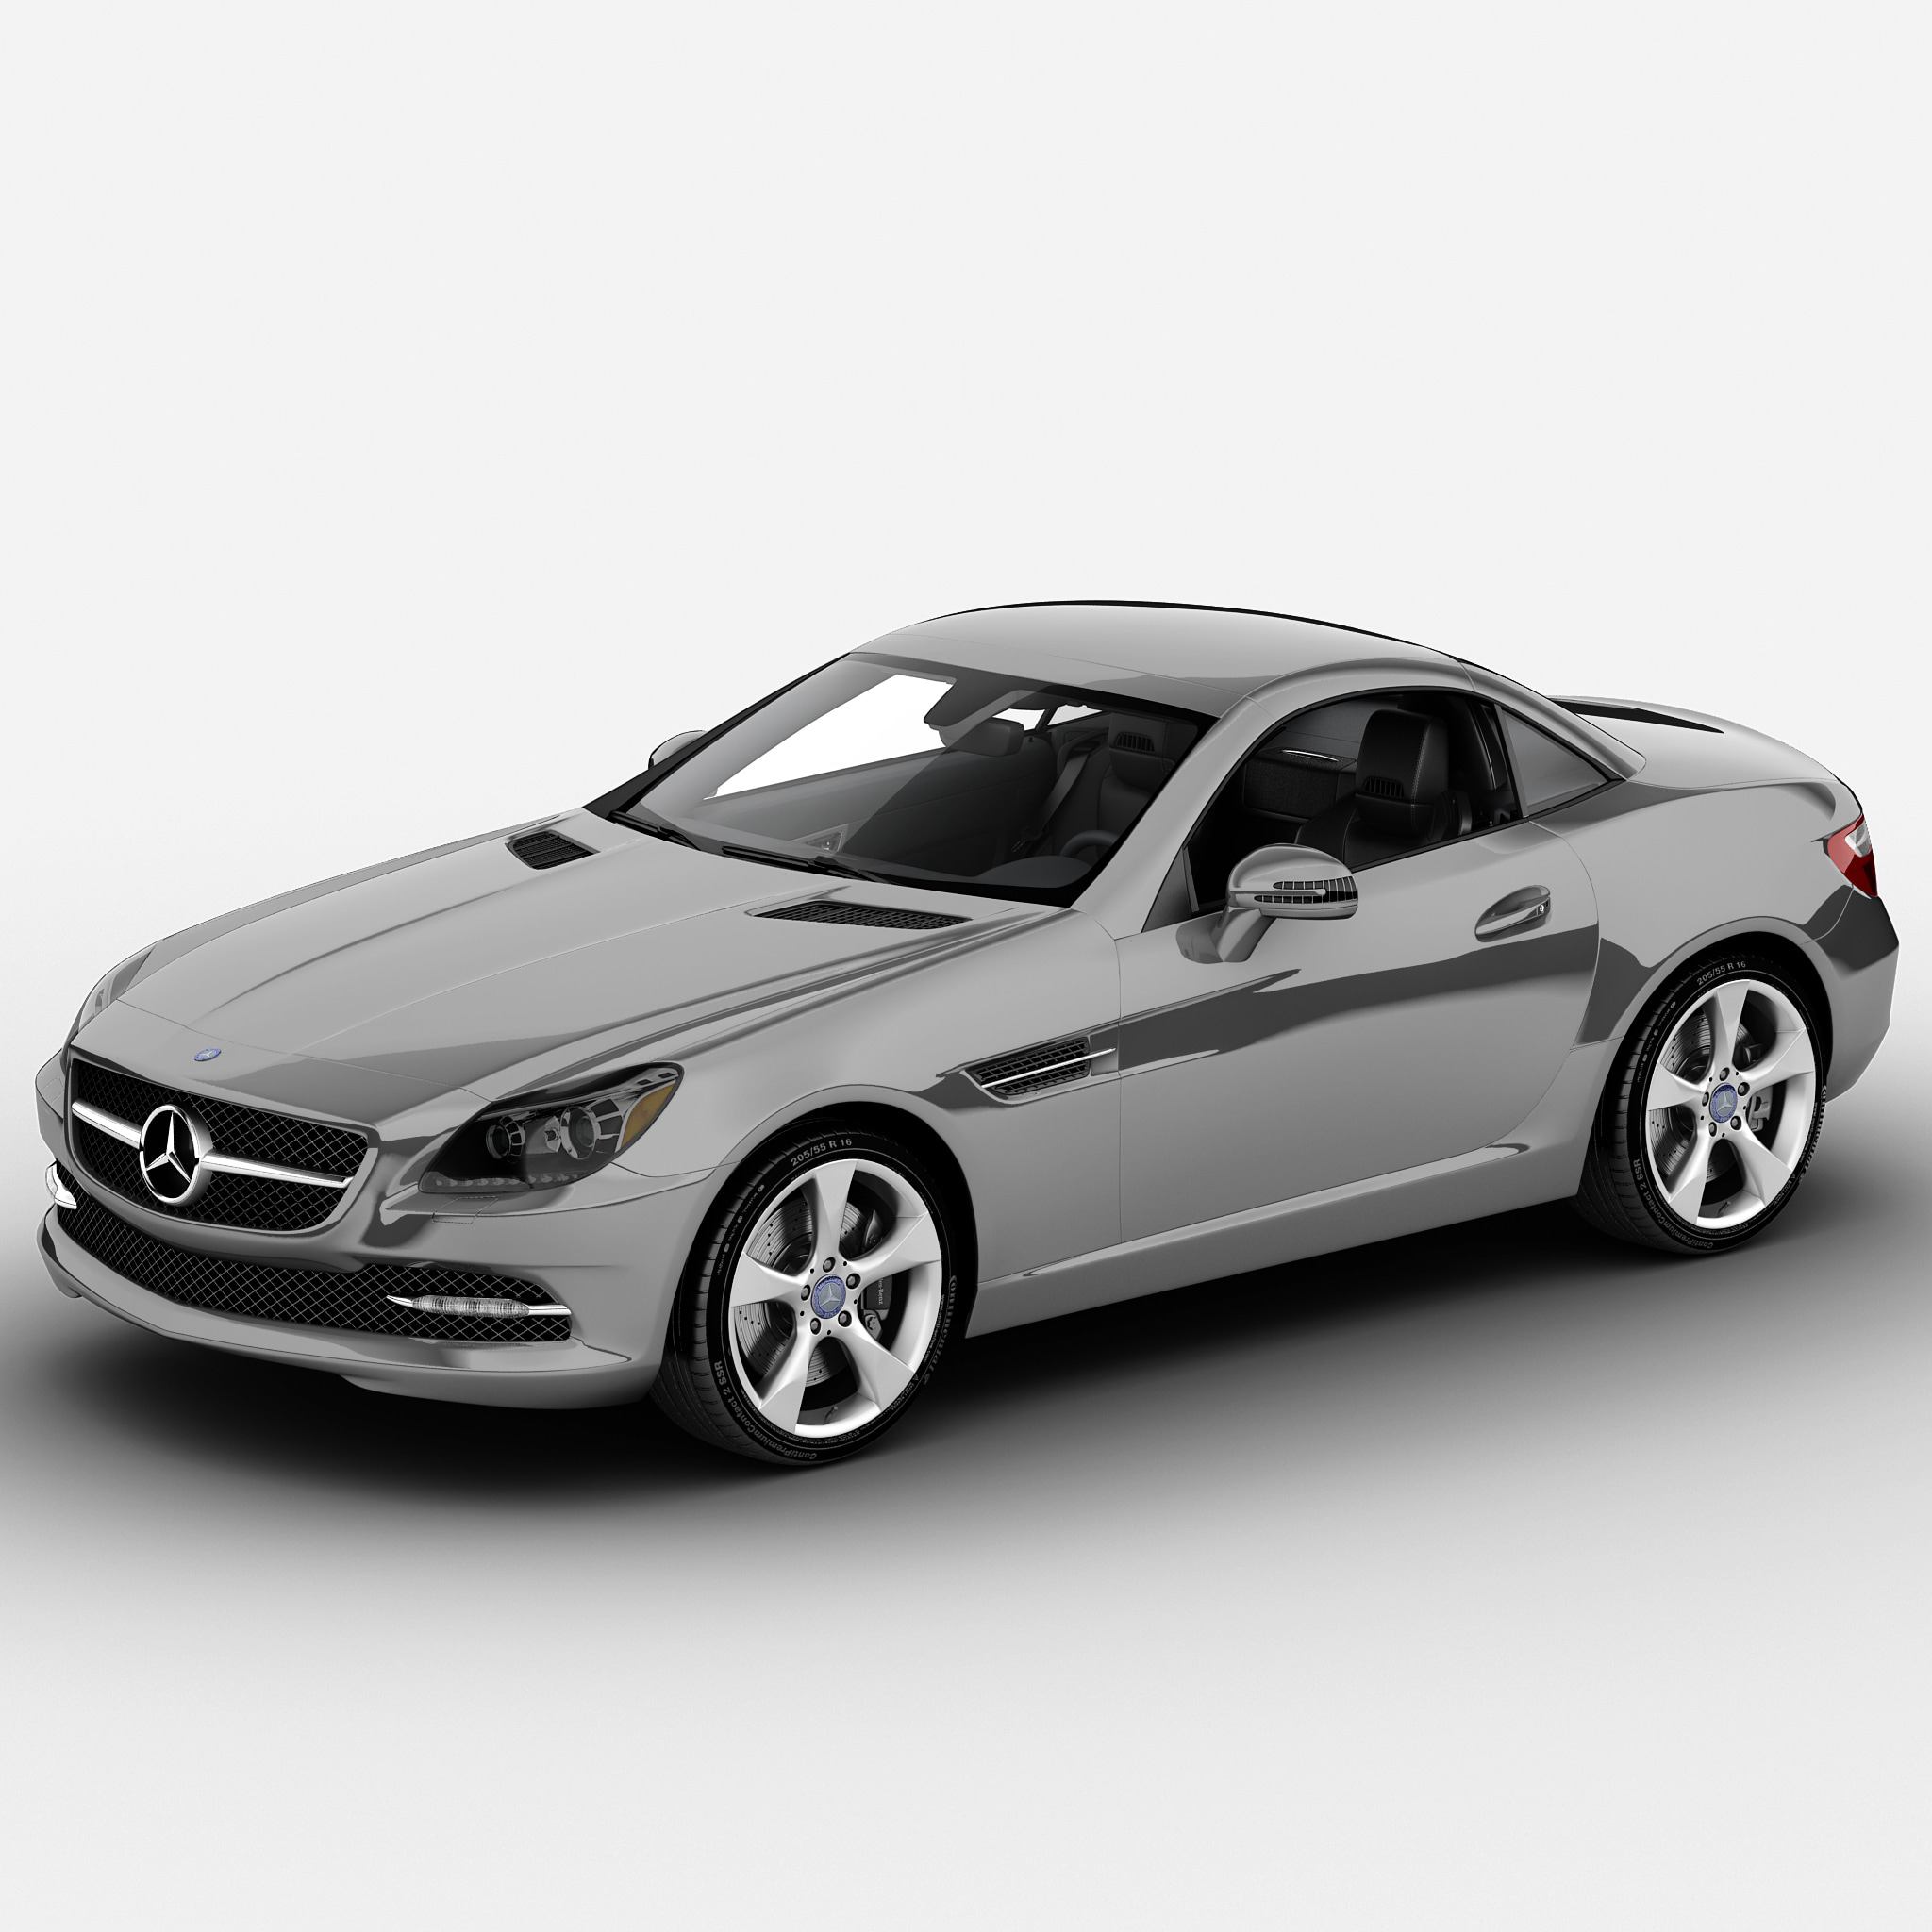 Mercedes Benz SLK Coupe 2013 Rigged_1.jpg